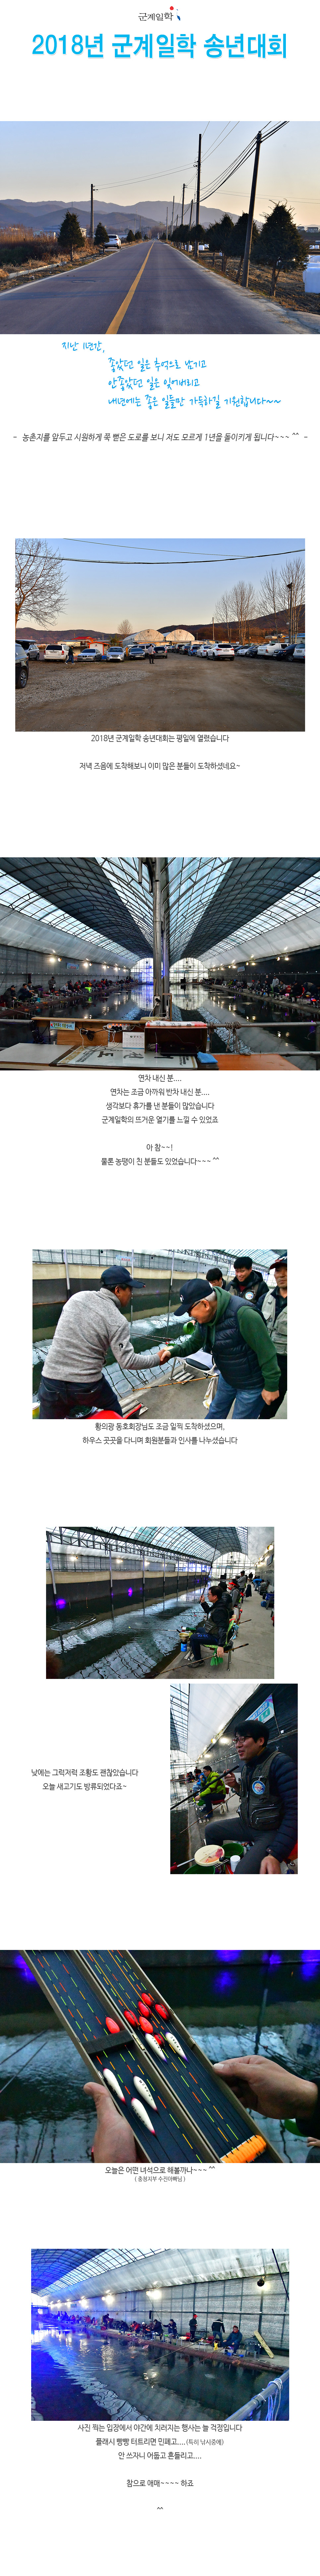 2018 군계일학 송년회(농촌지) - 01.jpg